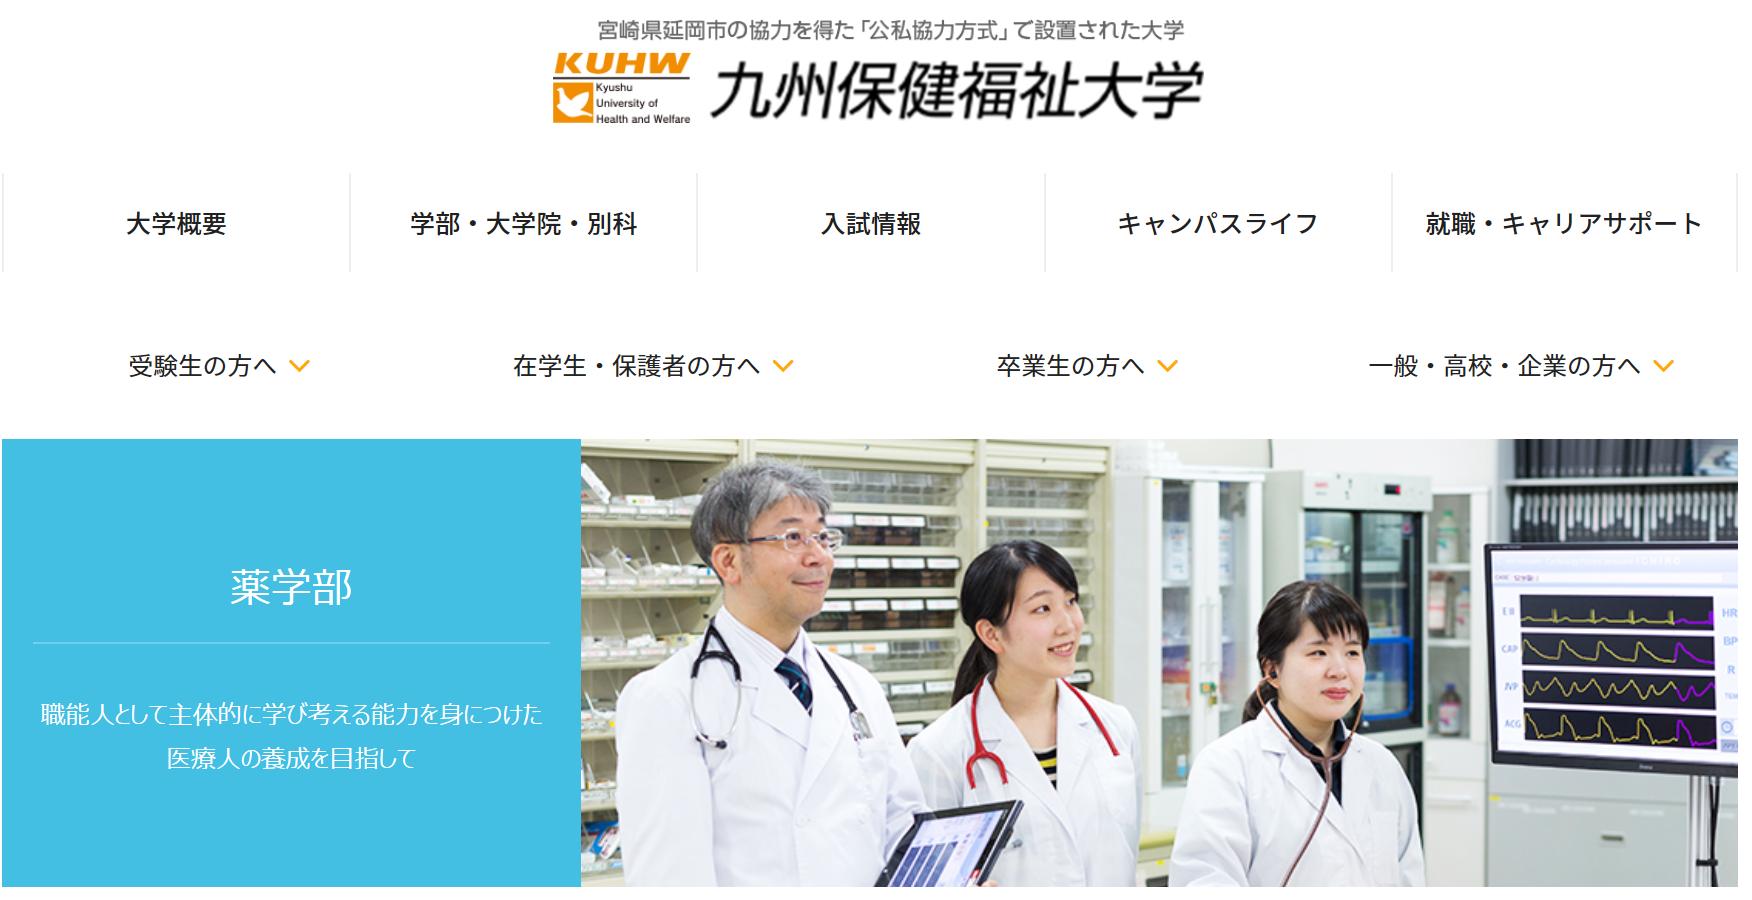 九州保健福祉大学の評判・口コミ【薬学部編】